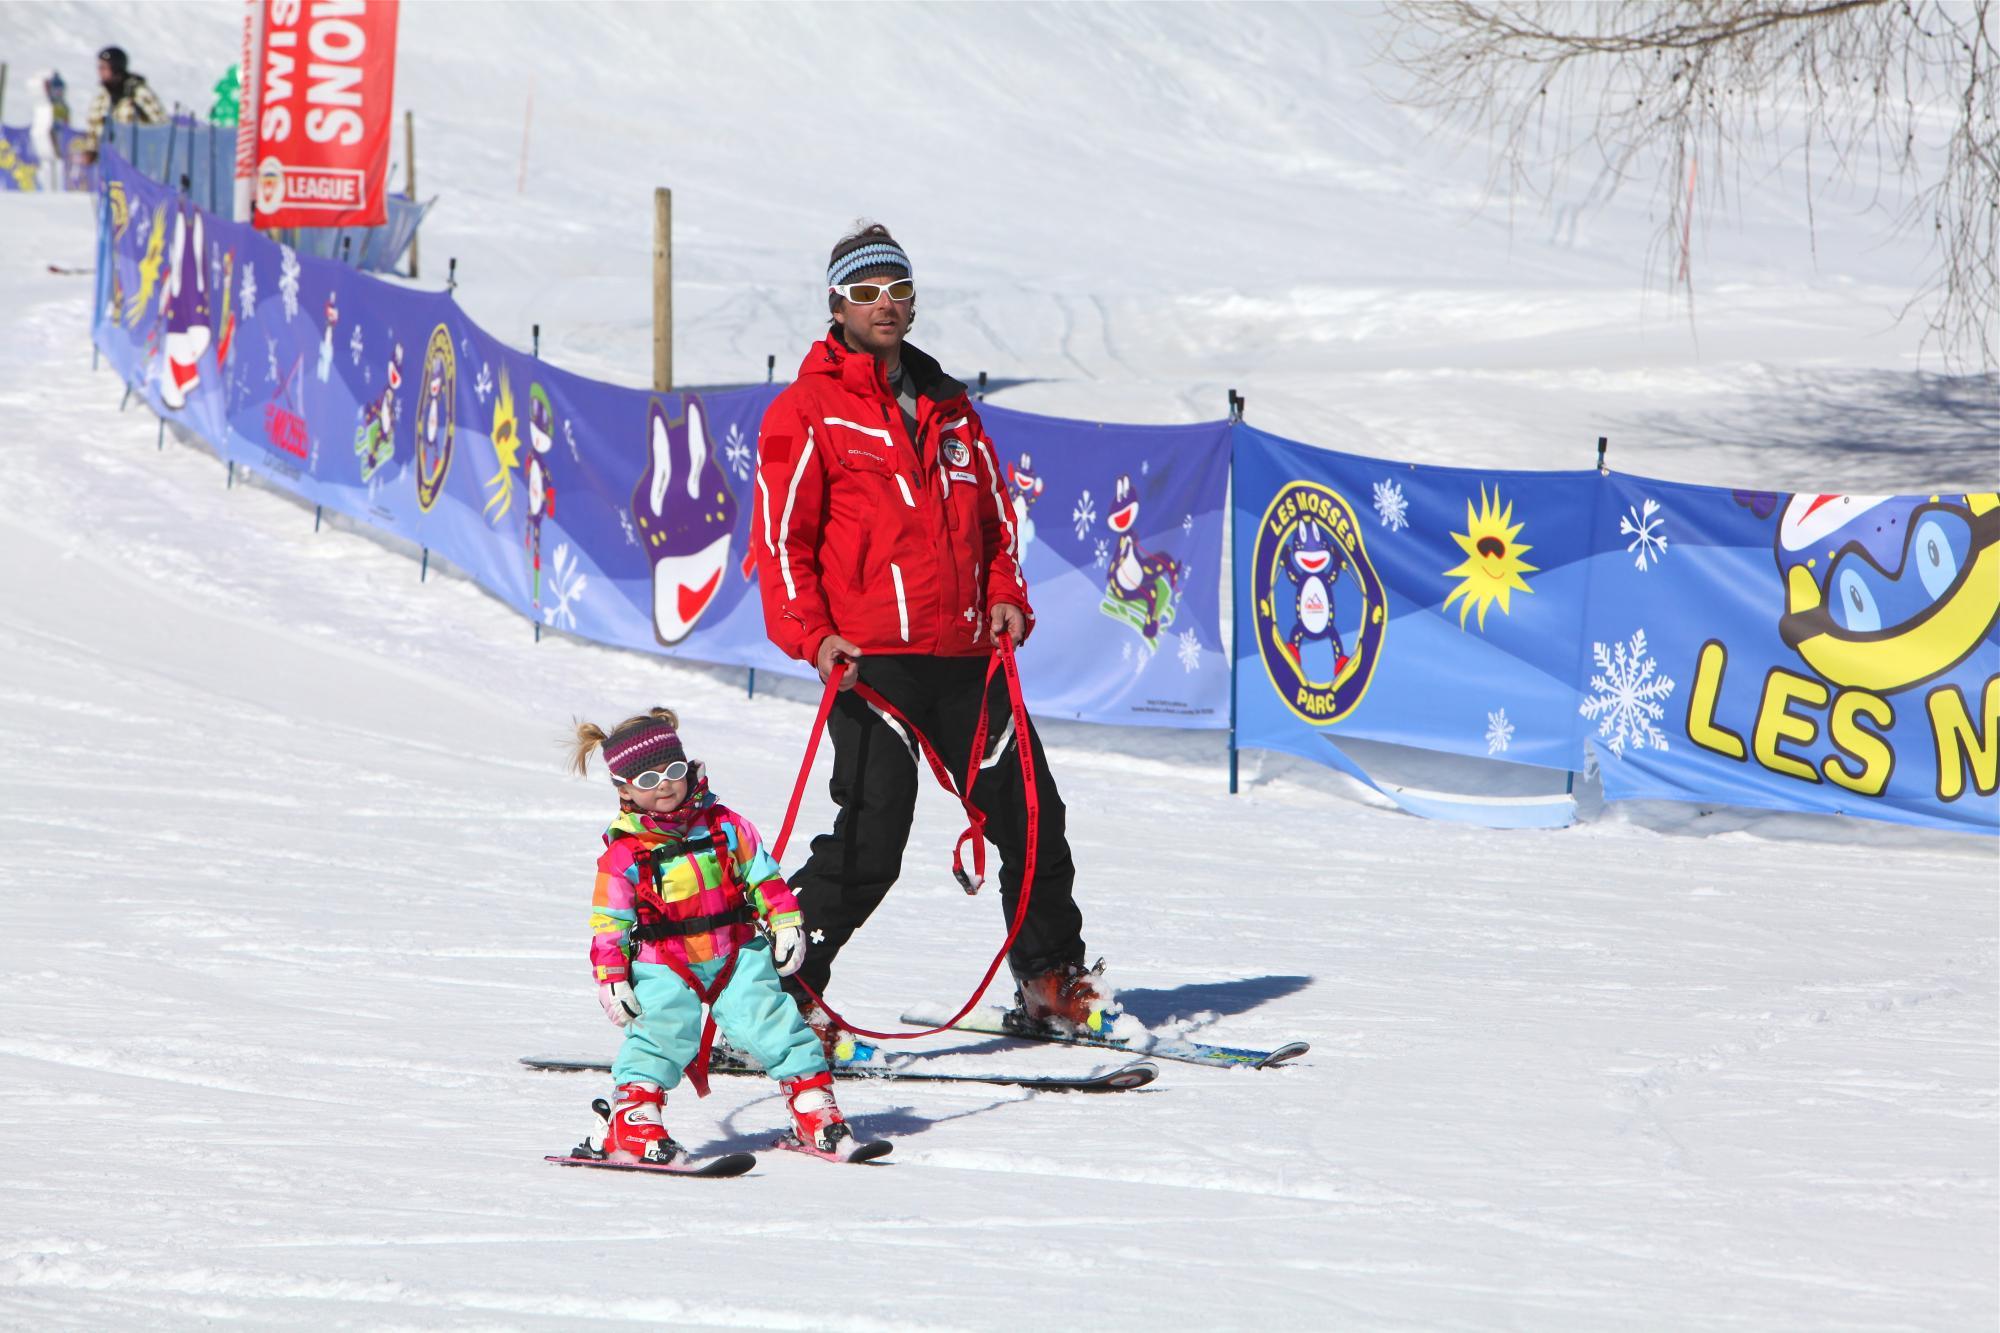 Les Mosses Swiss Ski School